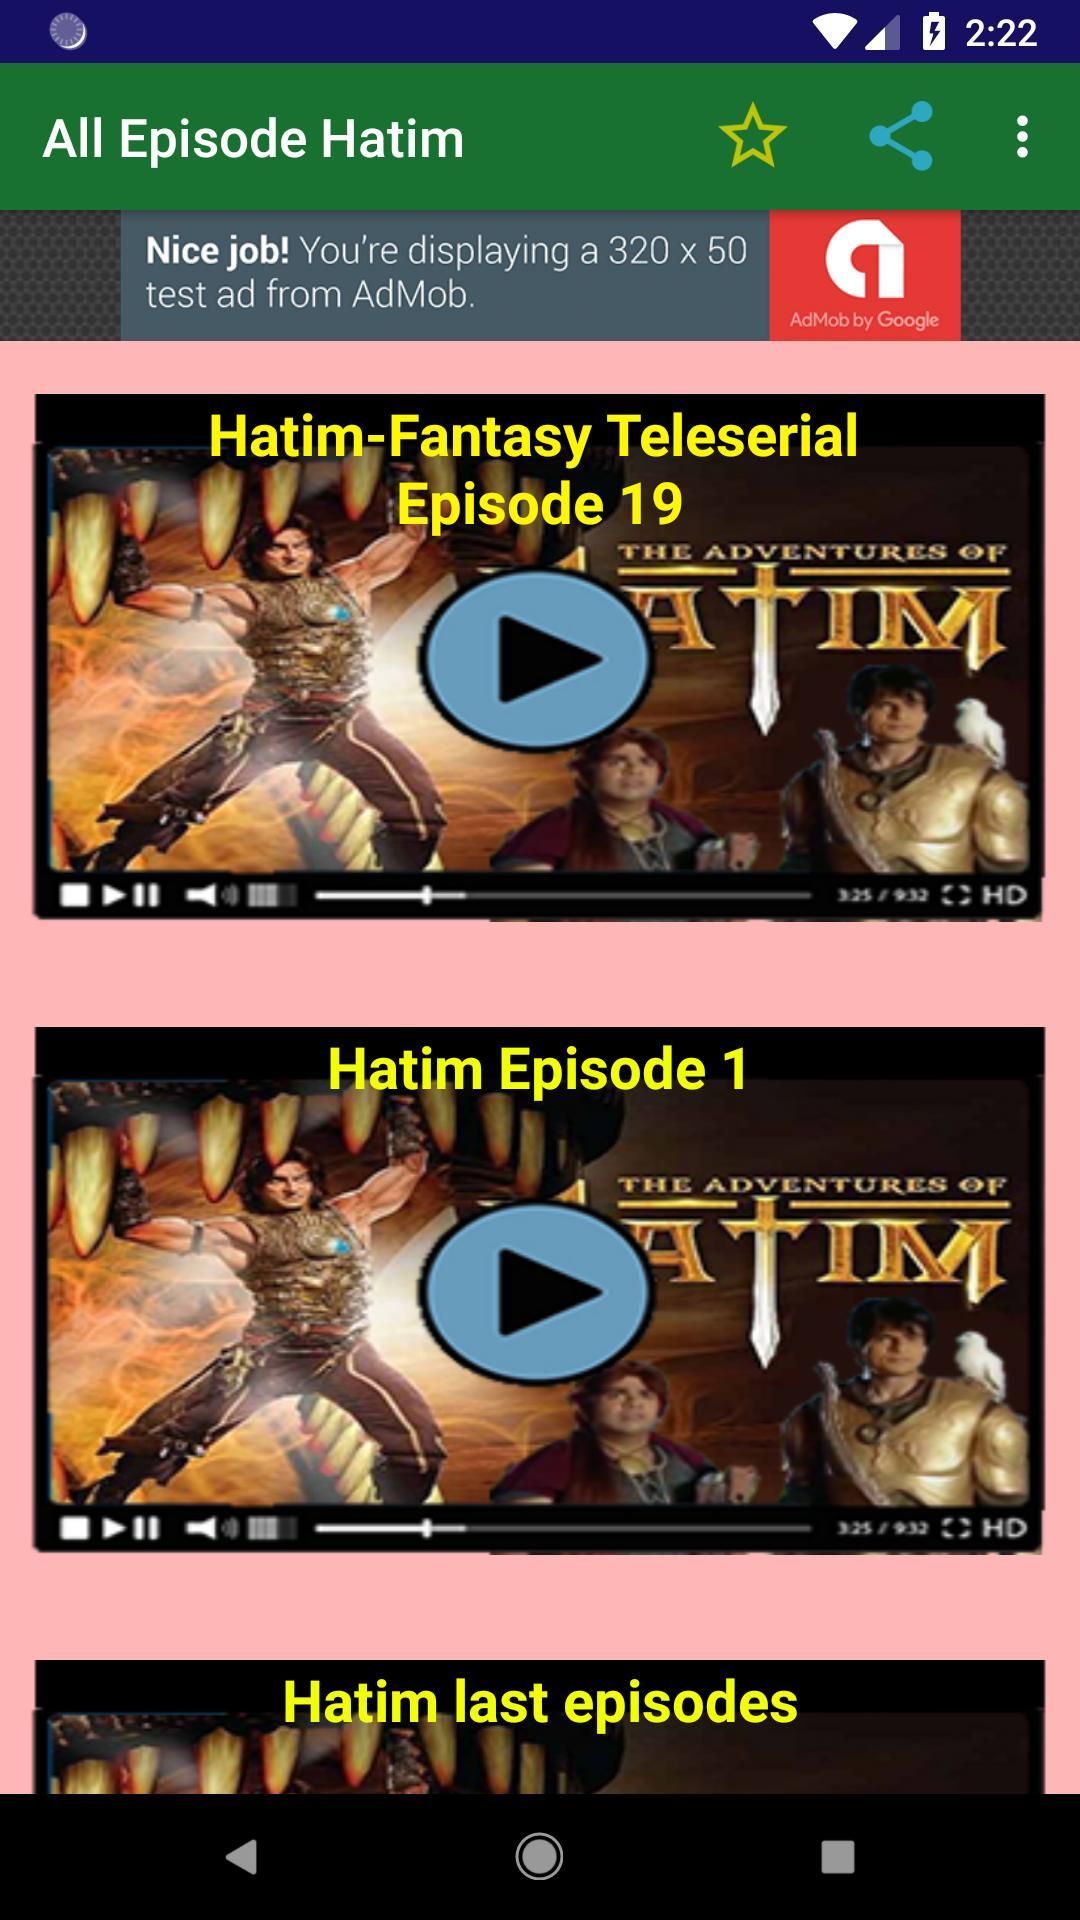 The adventure of hatim episode 5 download | Download Hatim